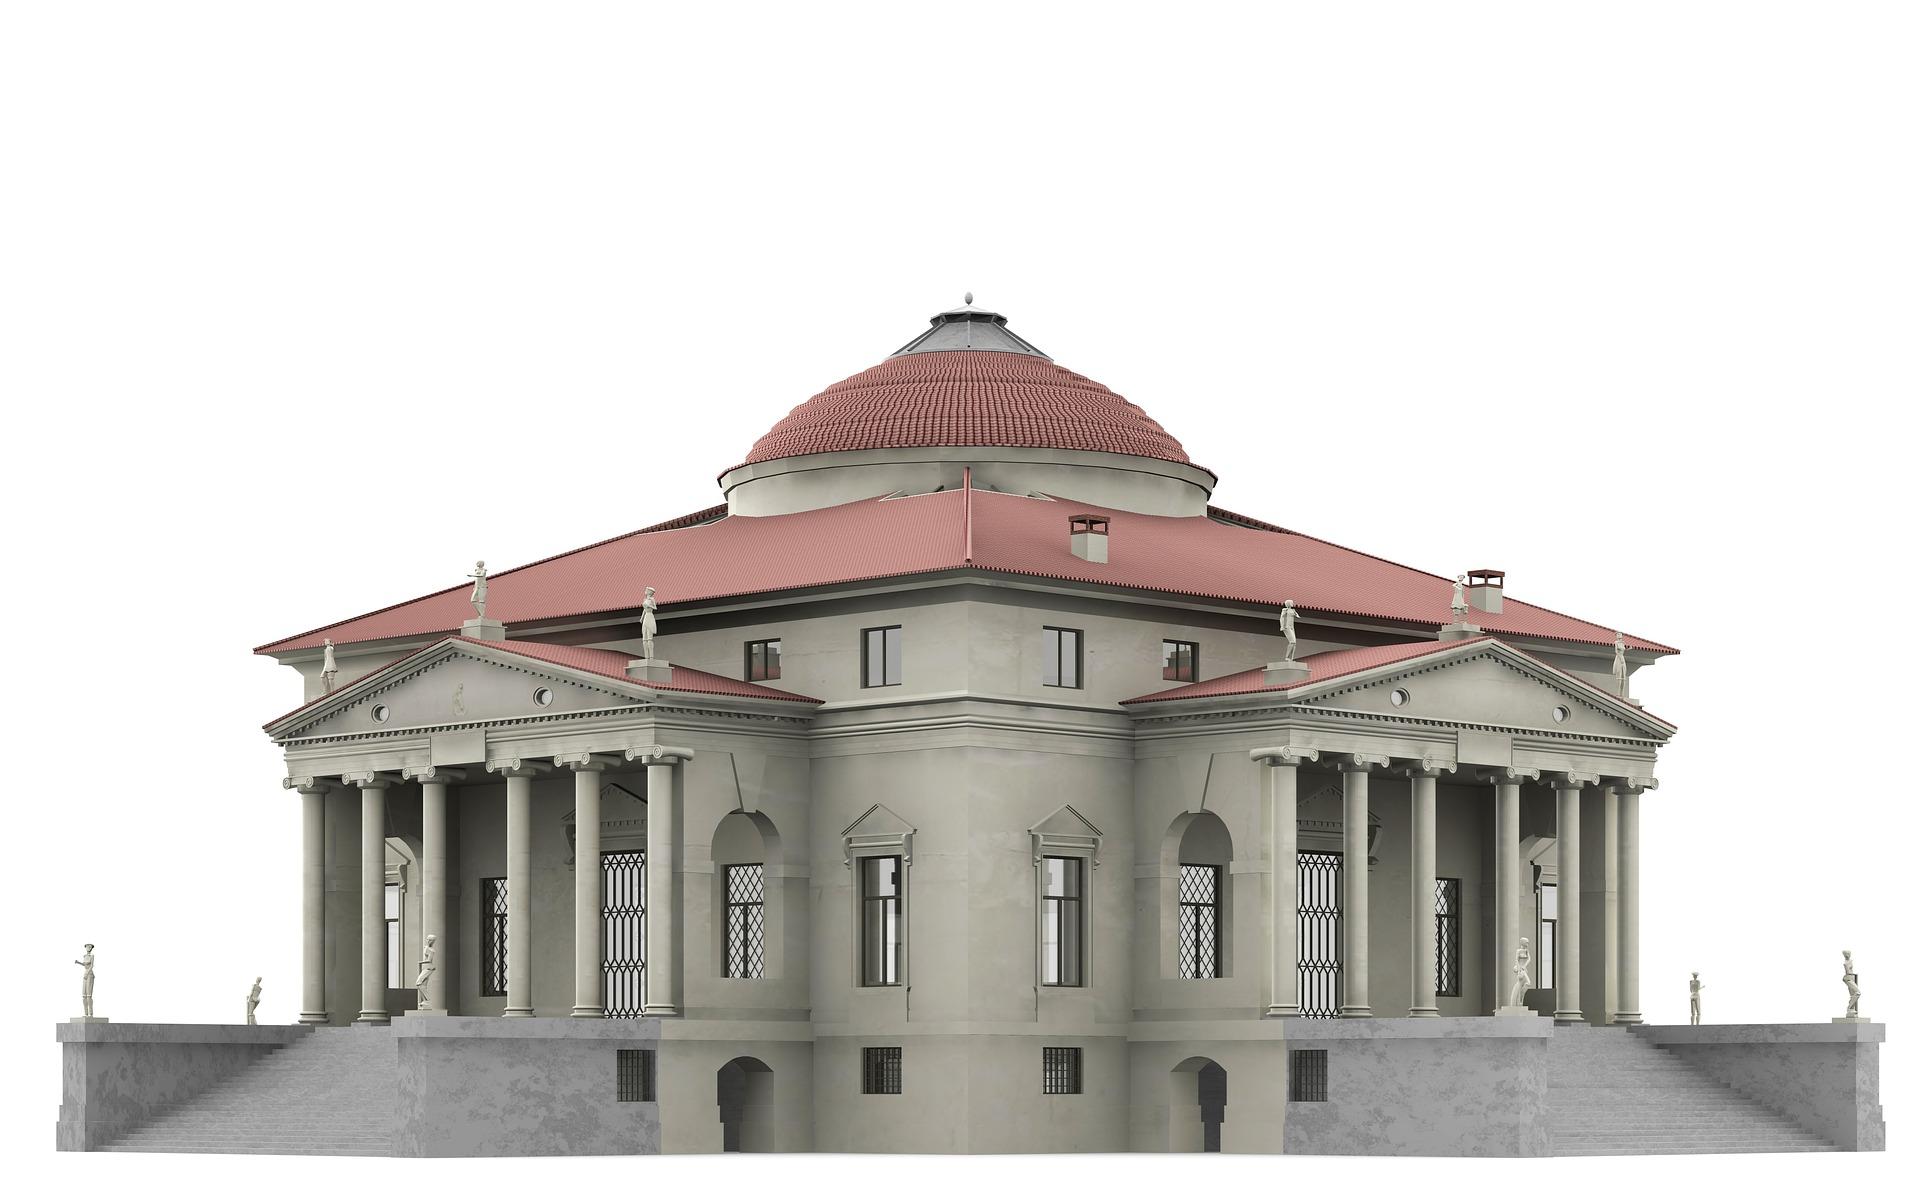 Villa Rotonda Palladio